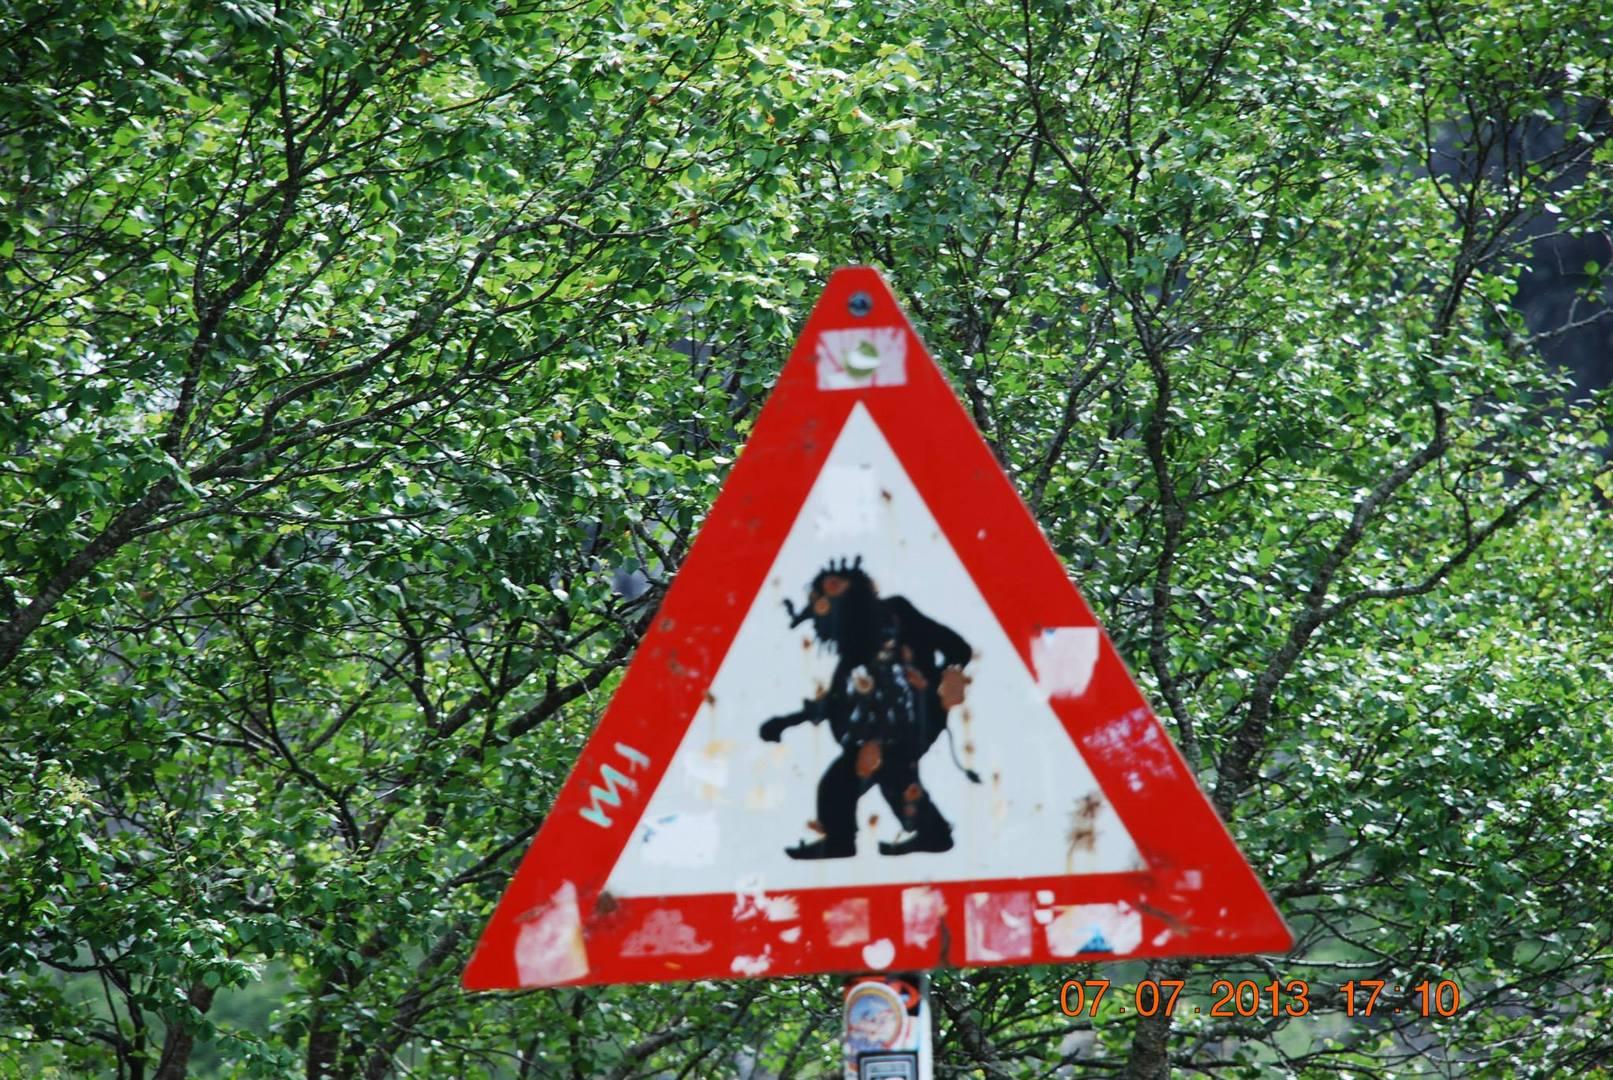 תמרור האזהרה-זהירות טרולים בדרך!